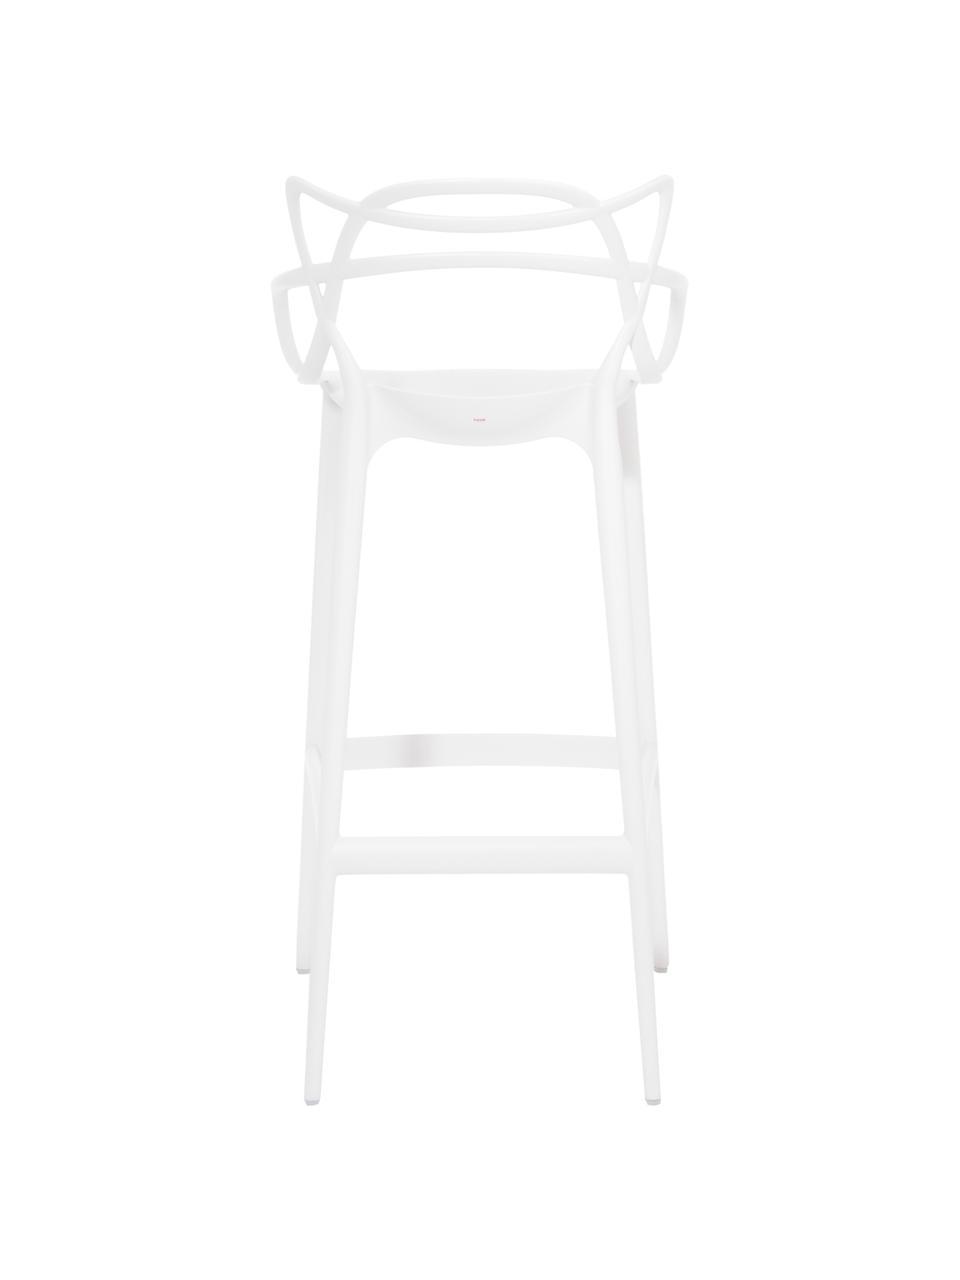 Krzesło barowe Masters, Polipropylen, Biały, S 49 x W 109 cm